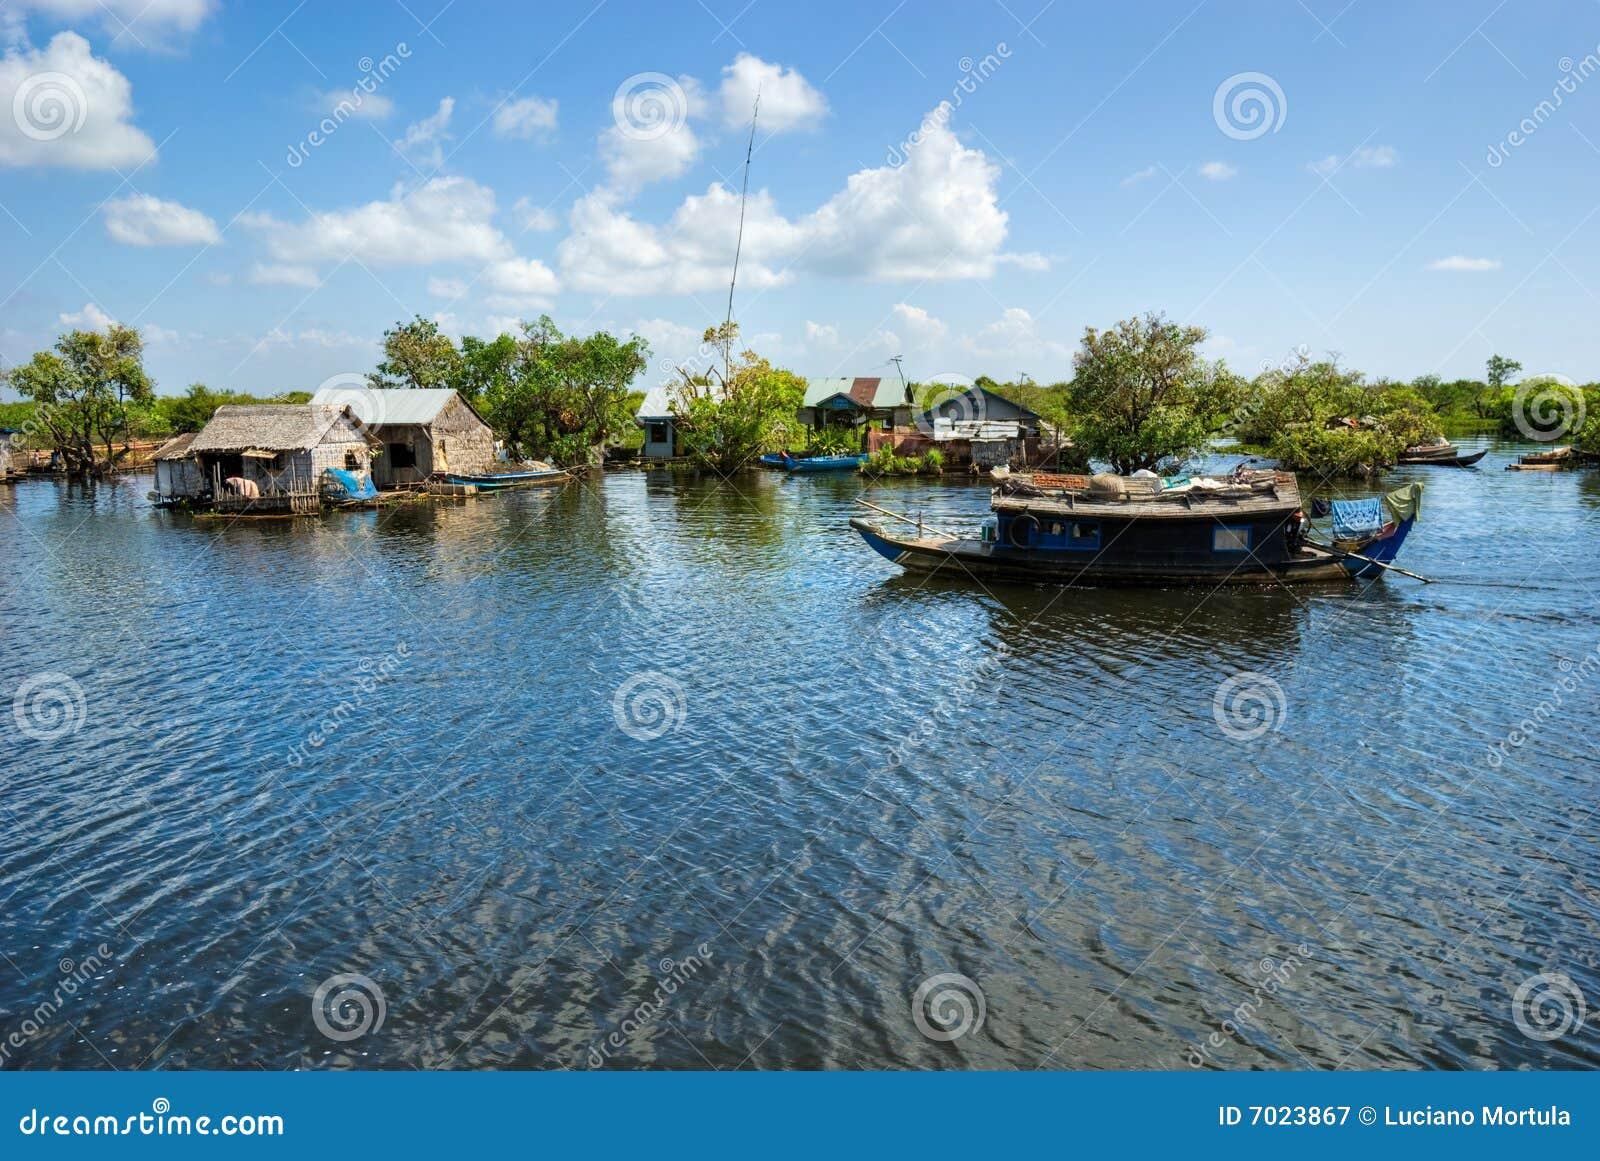 Lago sap di Tonle, Cambogia.